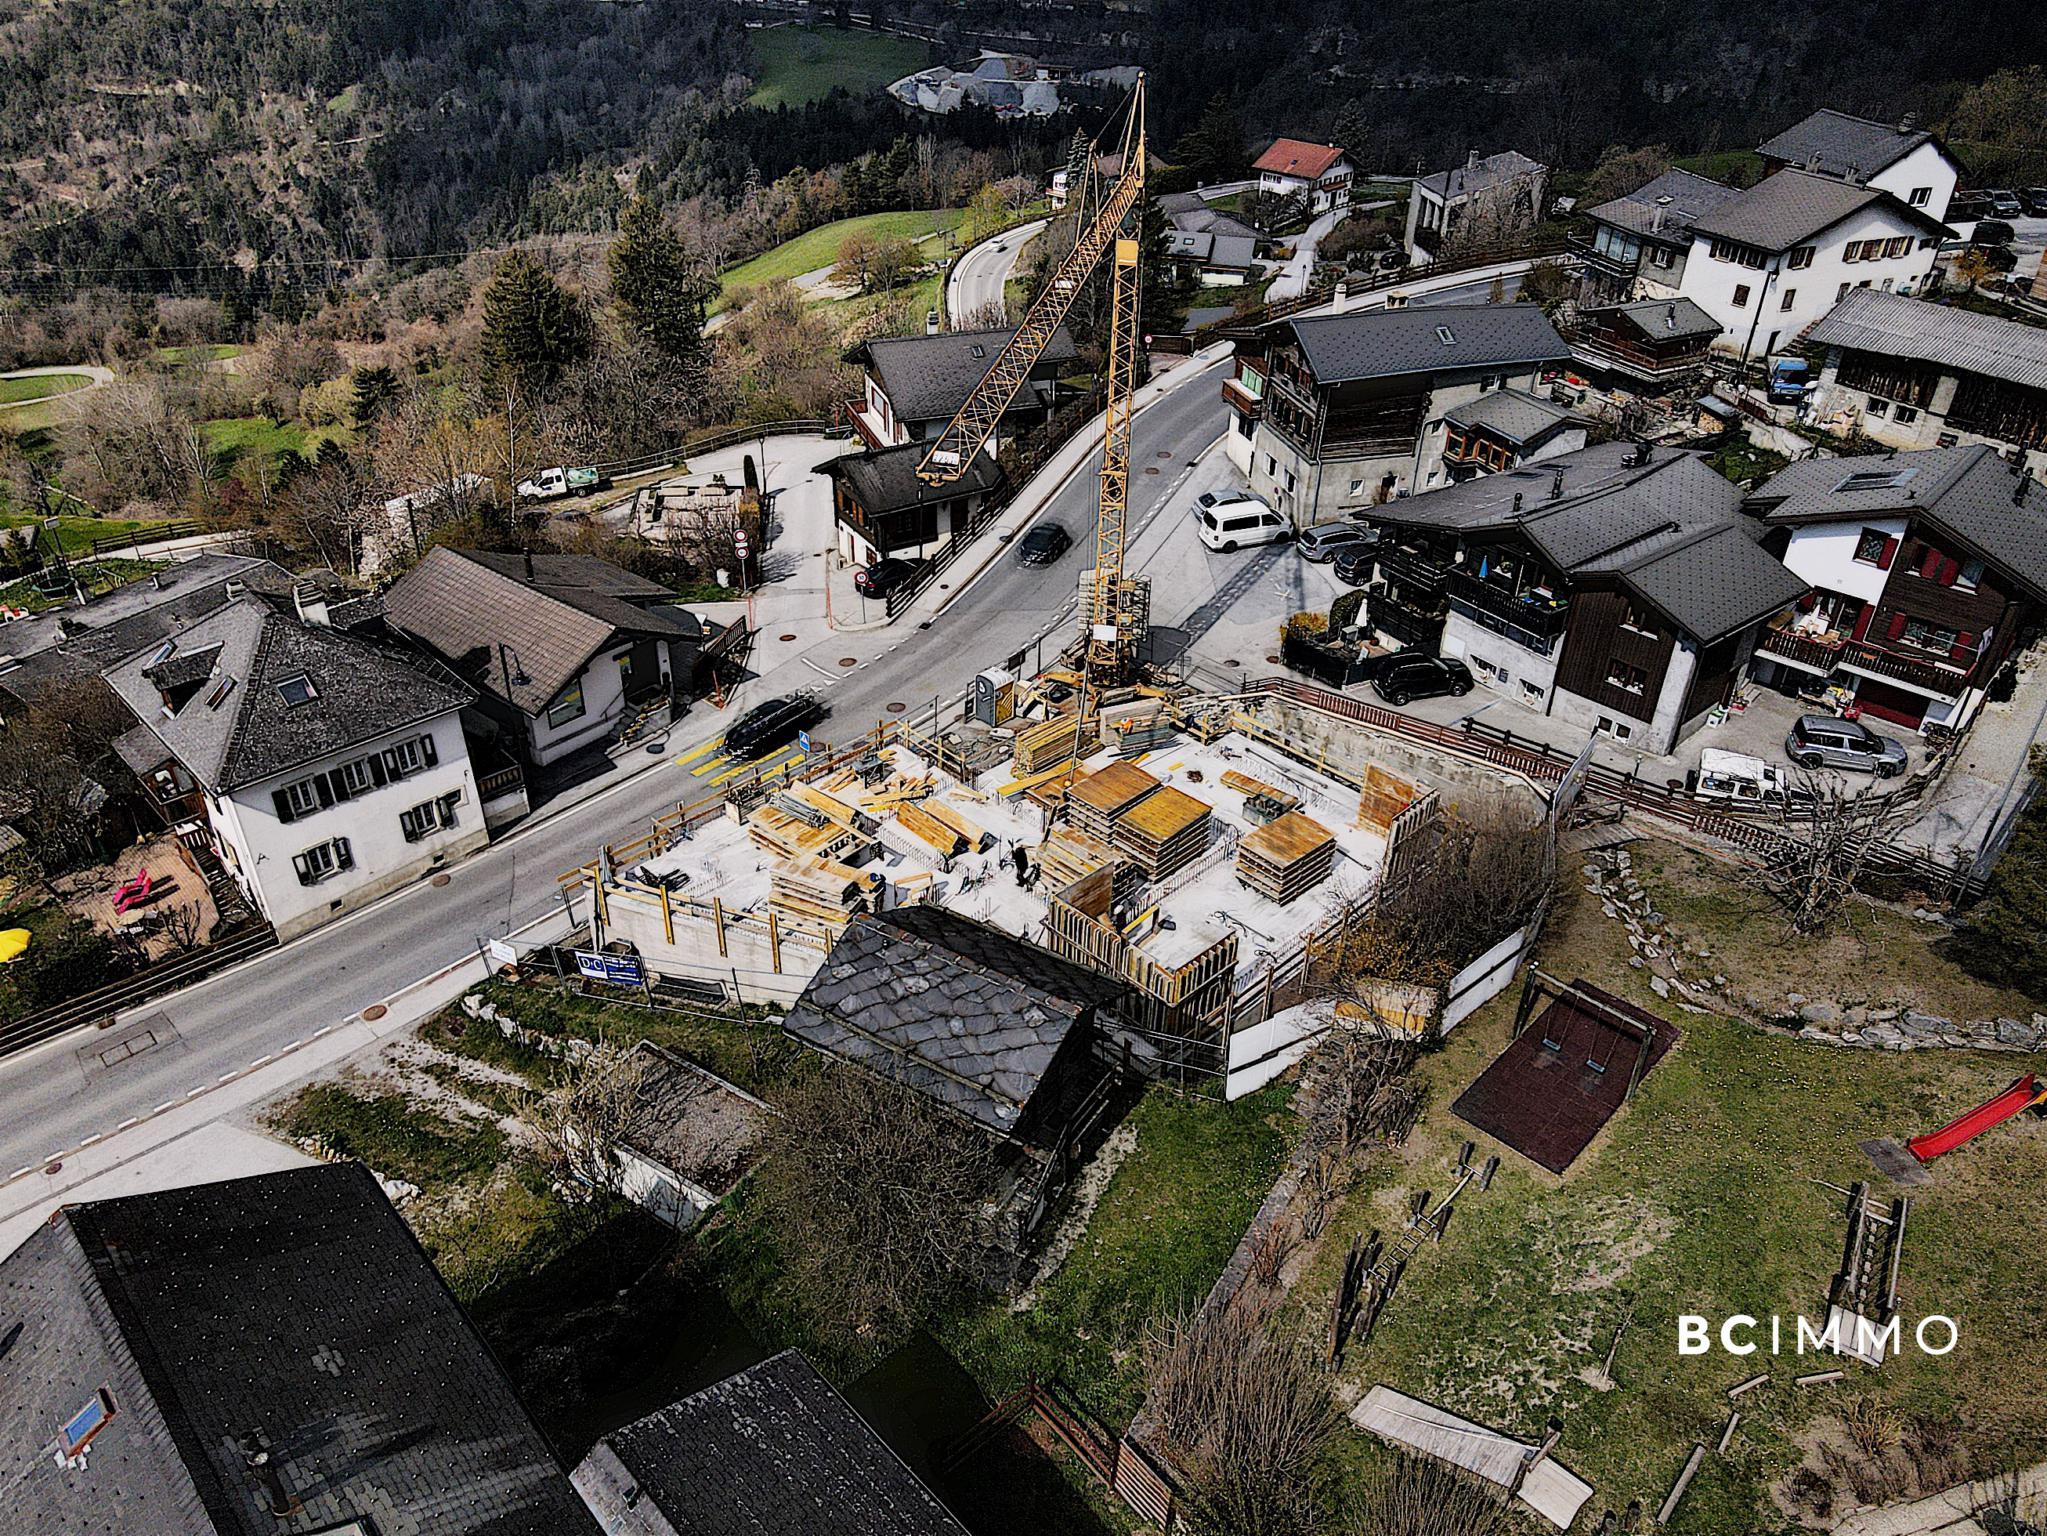 BC Immo - La Maison d'Adrien - Rez-de-chaussée 2.5 - DCA3ICO77